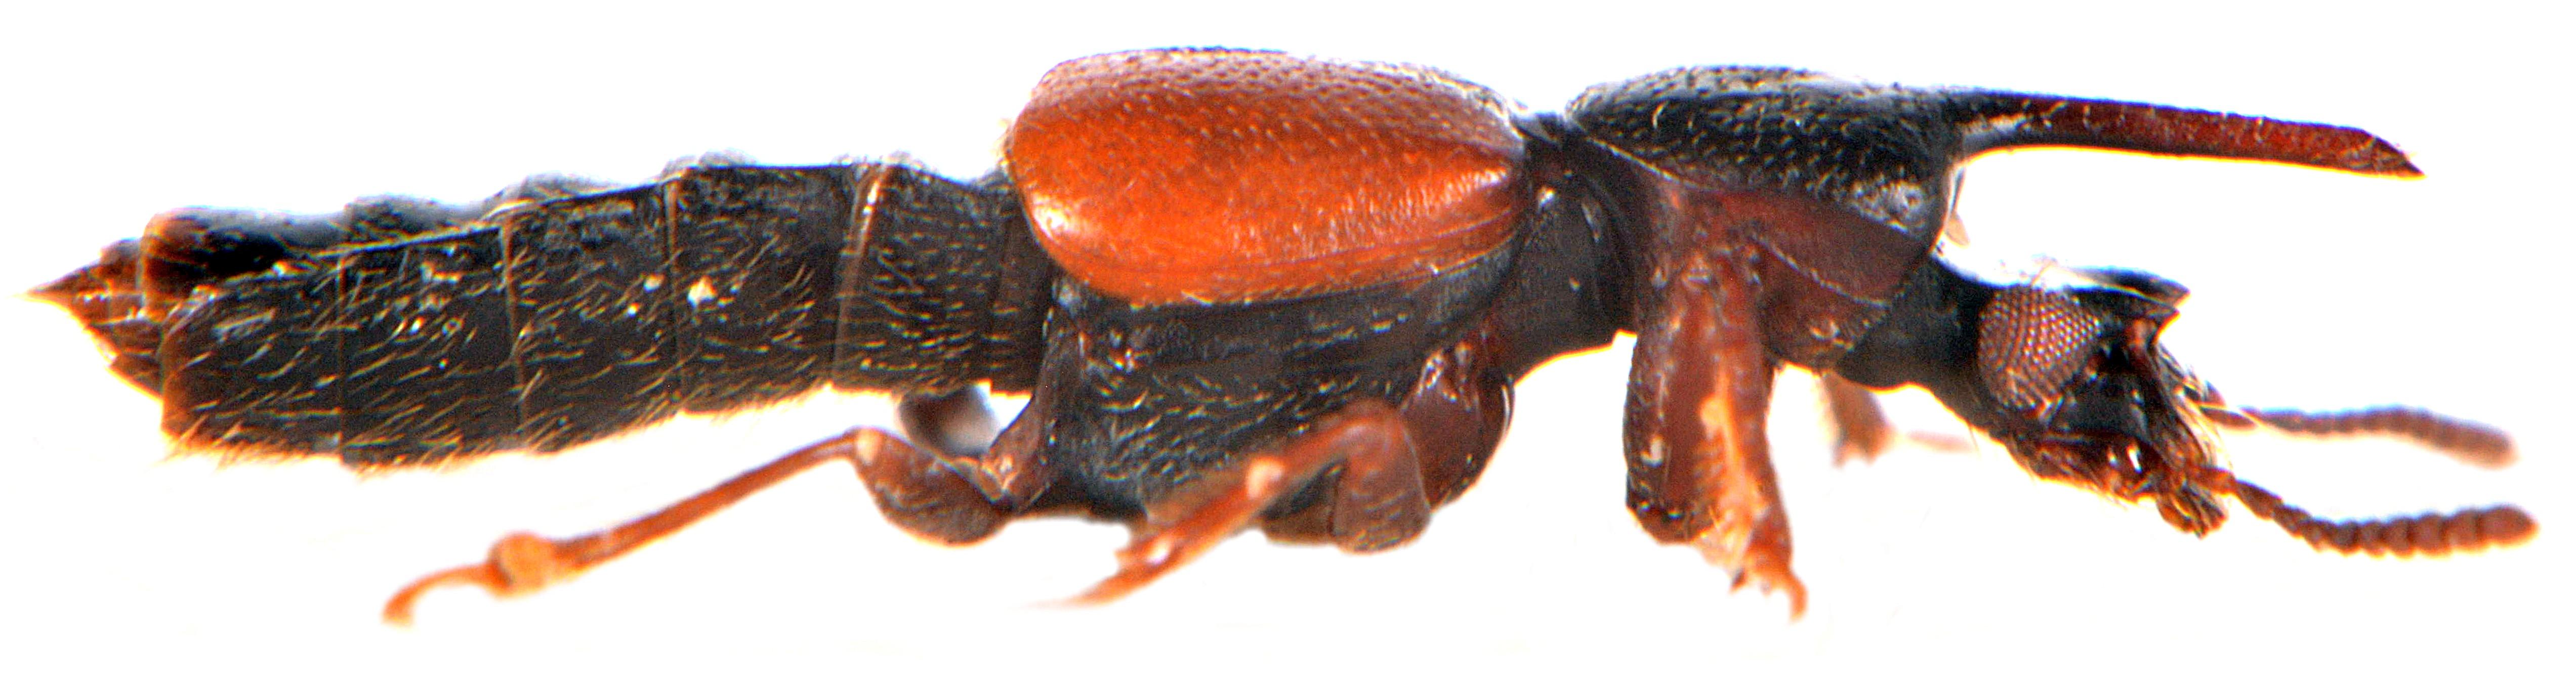 Bledius spectabilis 5